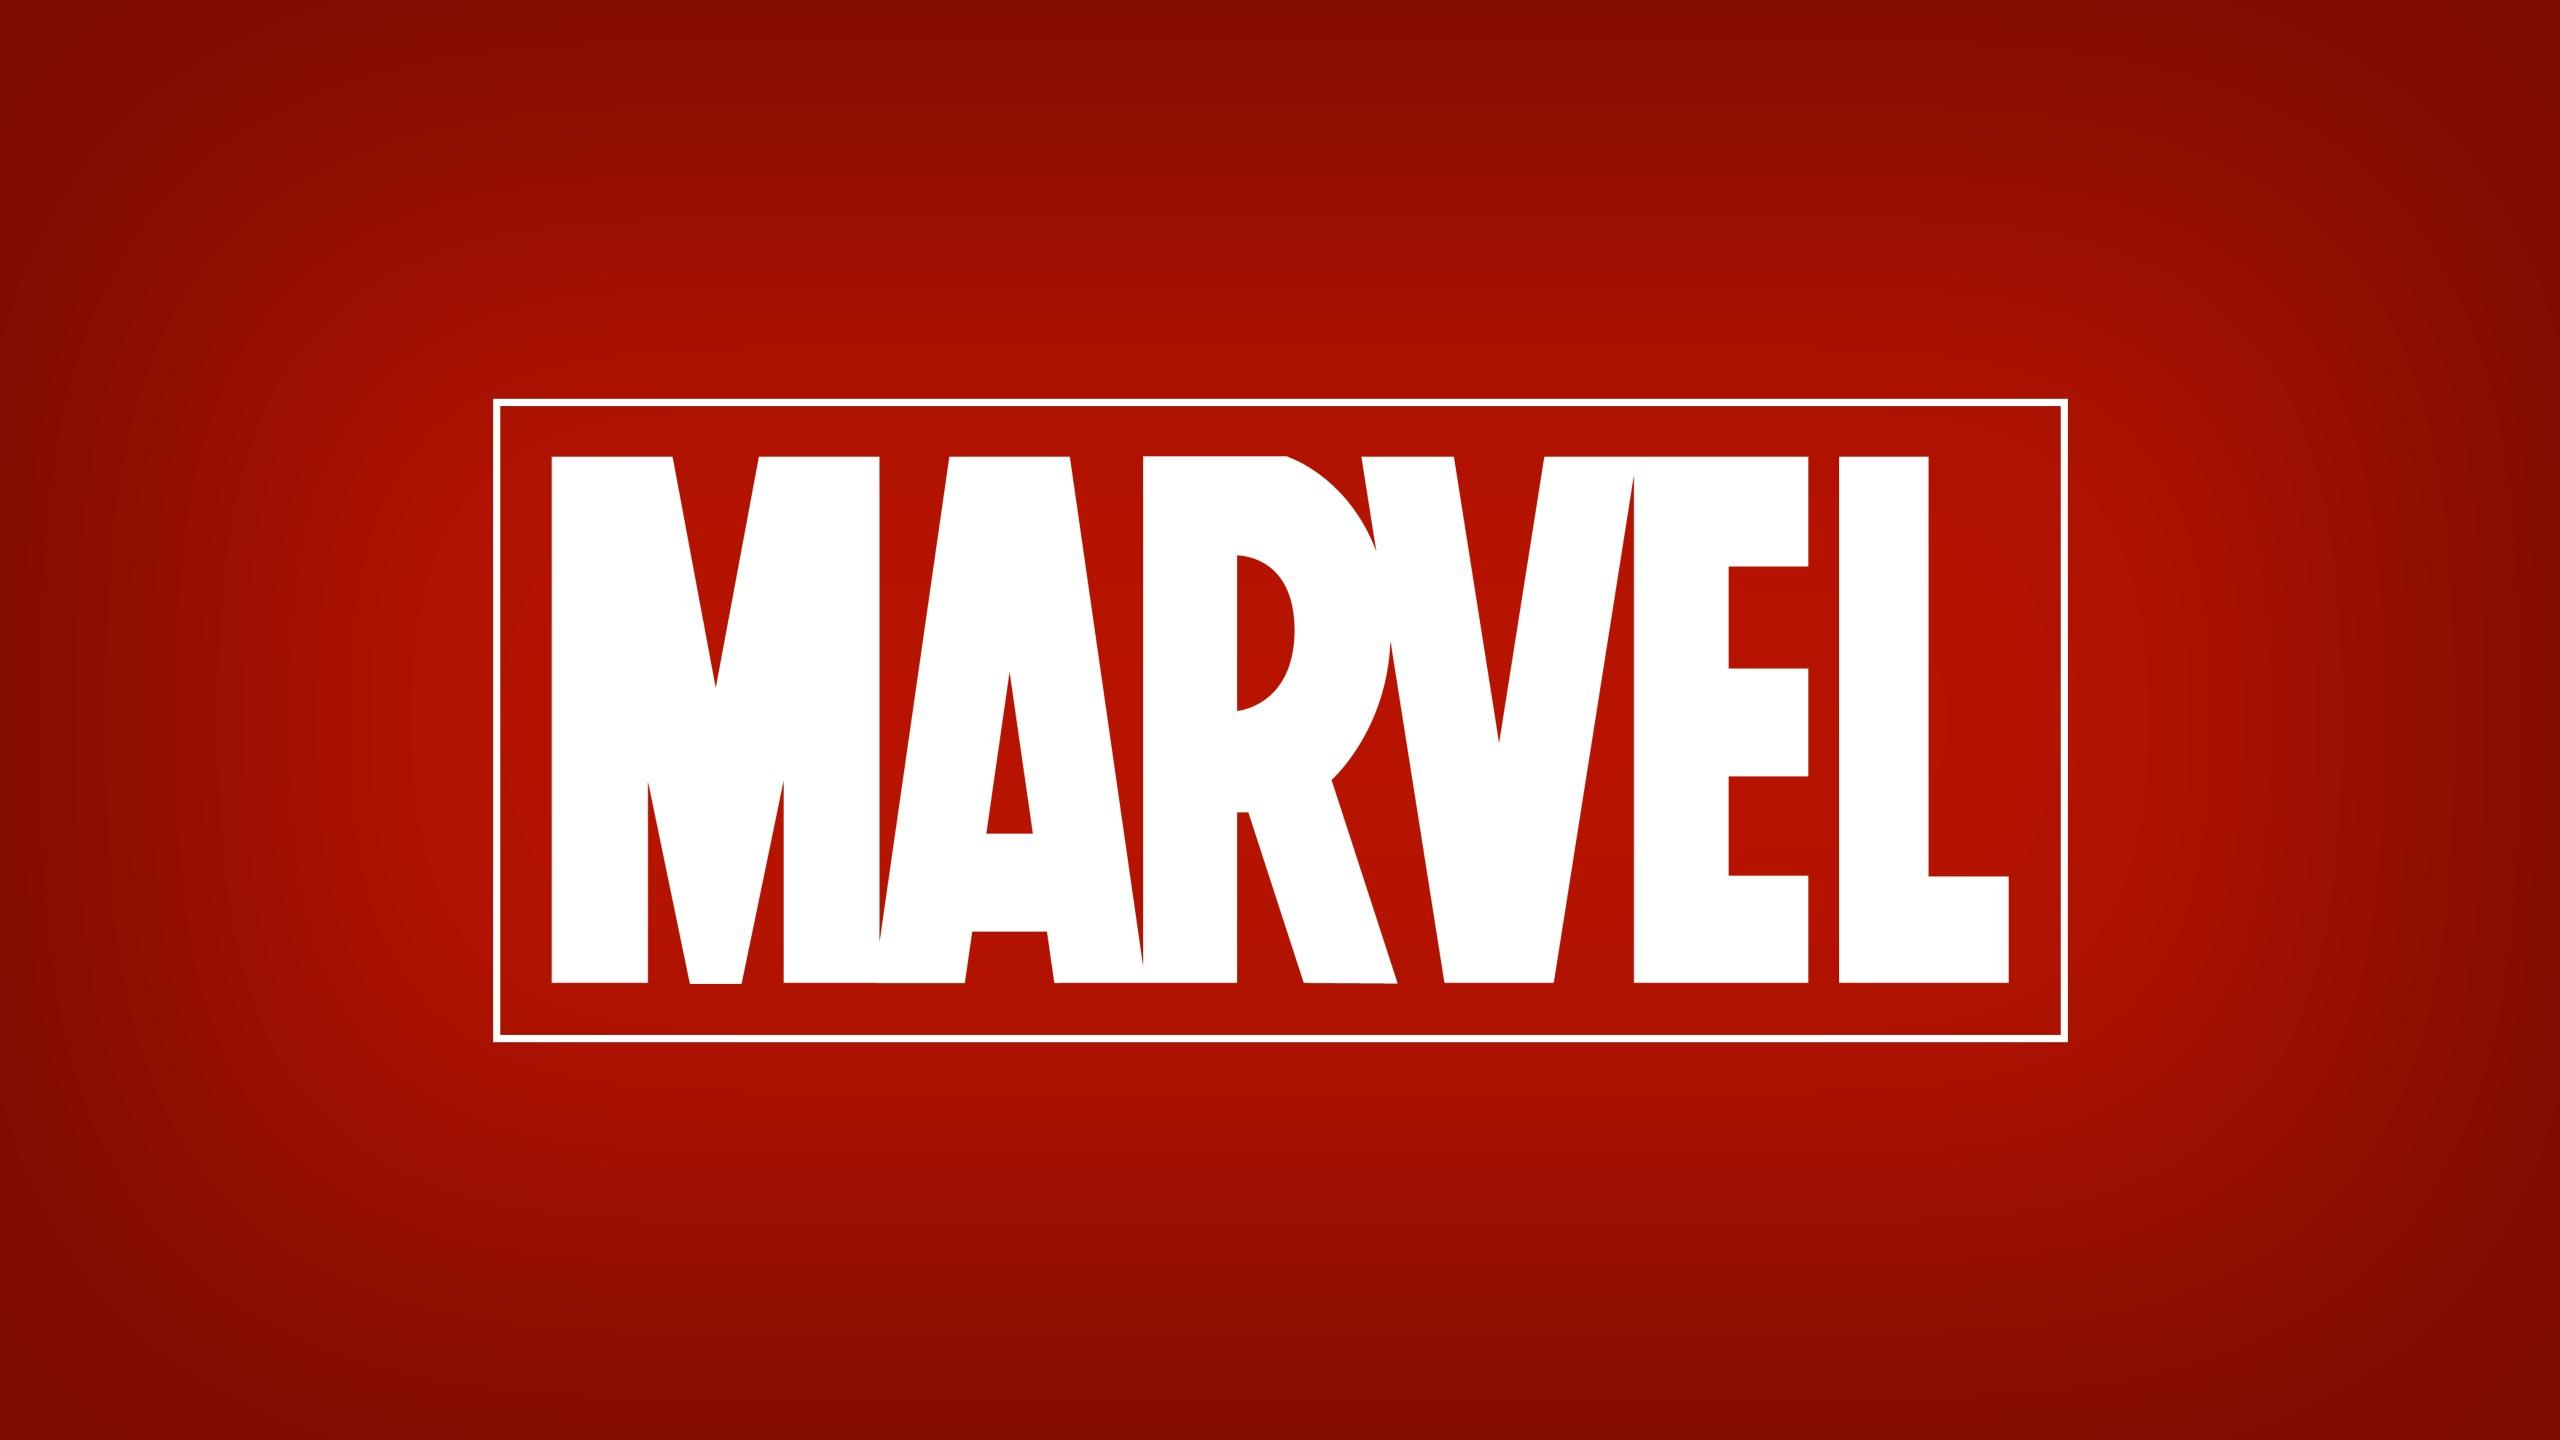 marvel-logo-logotip-krasnyy